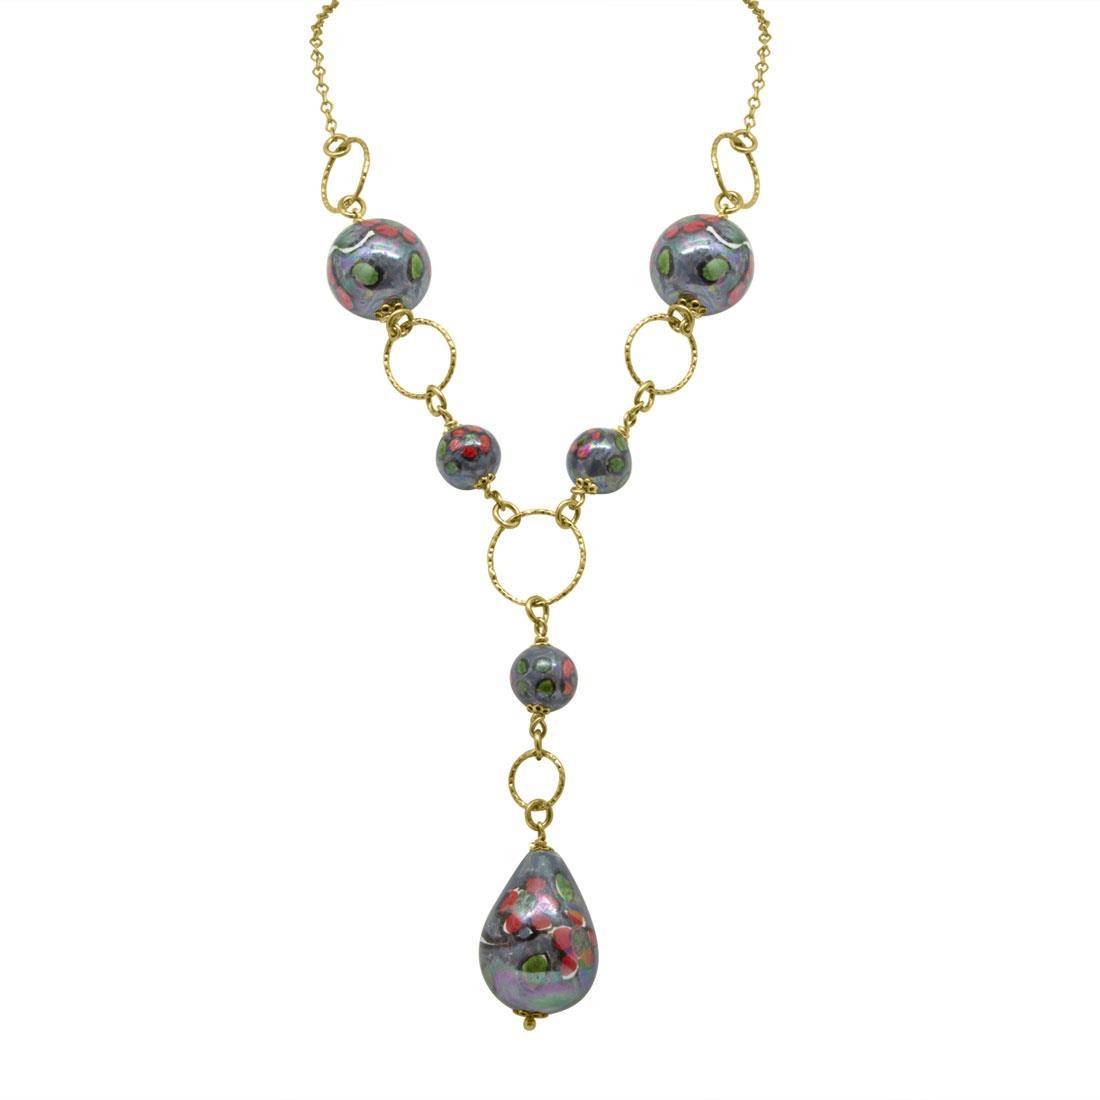 Collana in argento con perle in ceramica - LE PERLE DI CALTAGIRONE